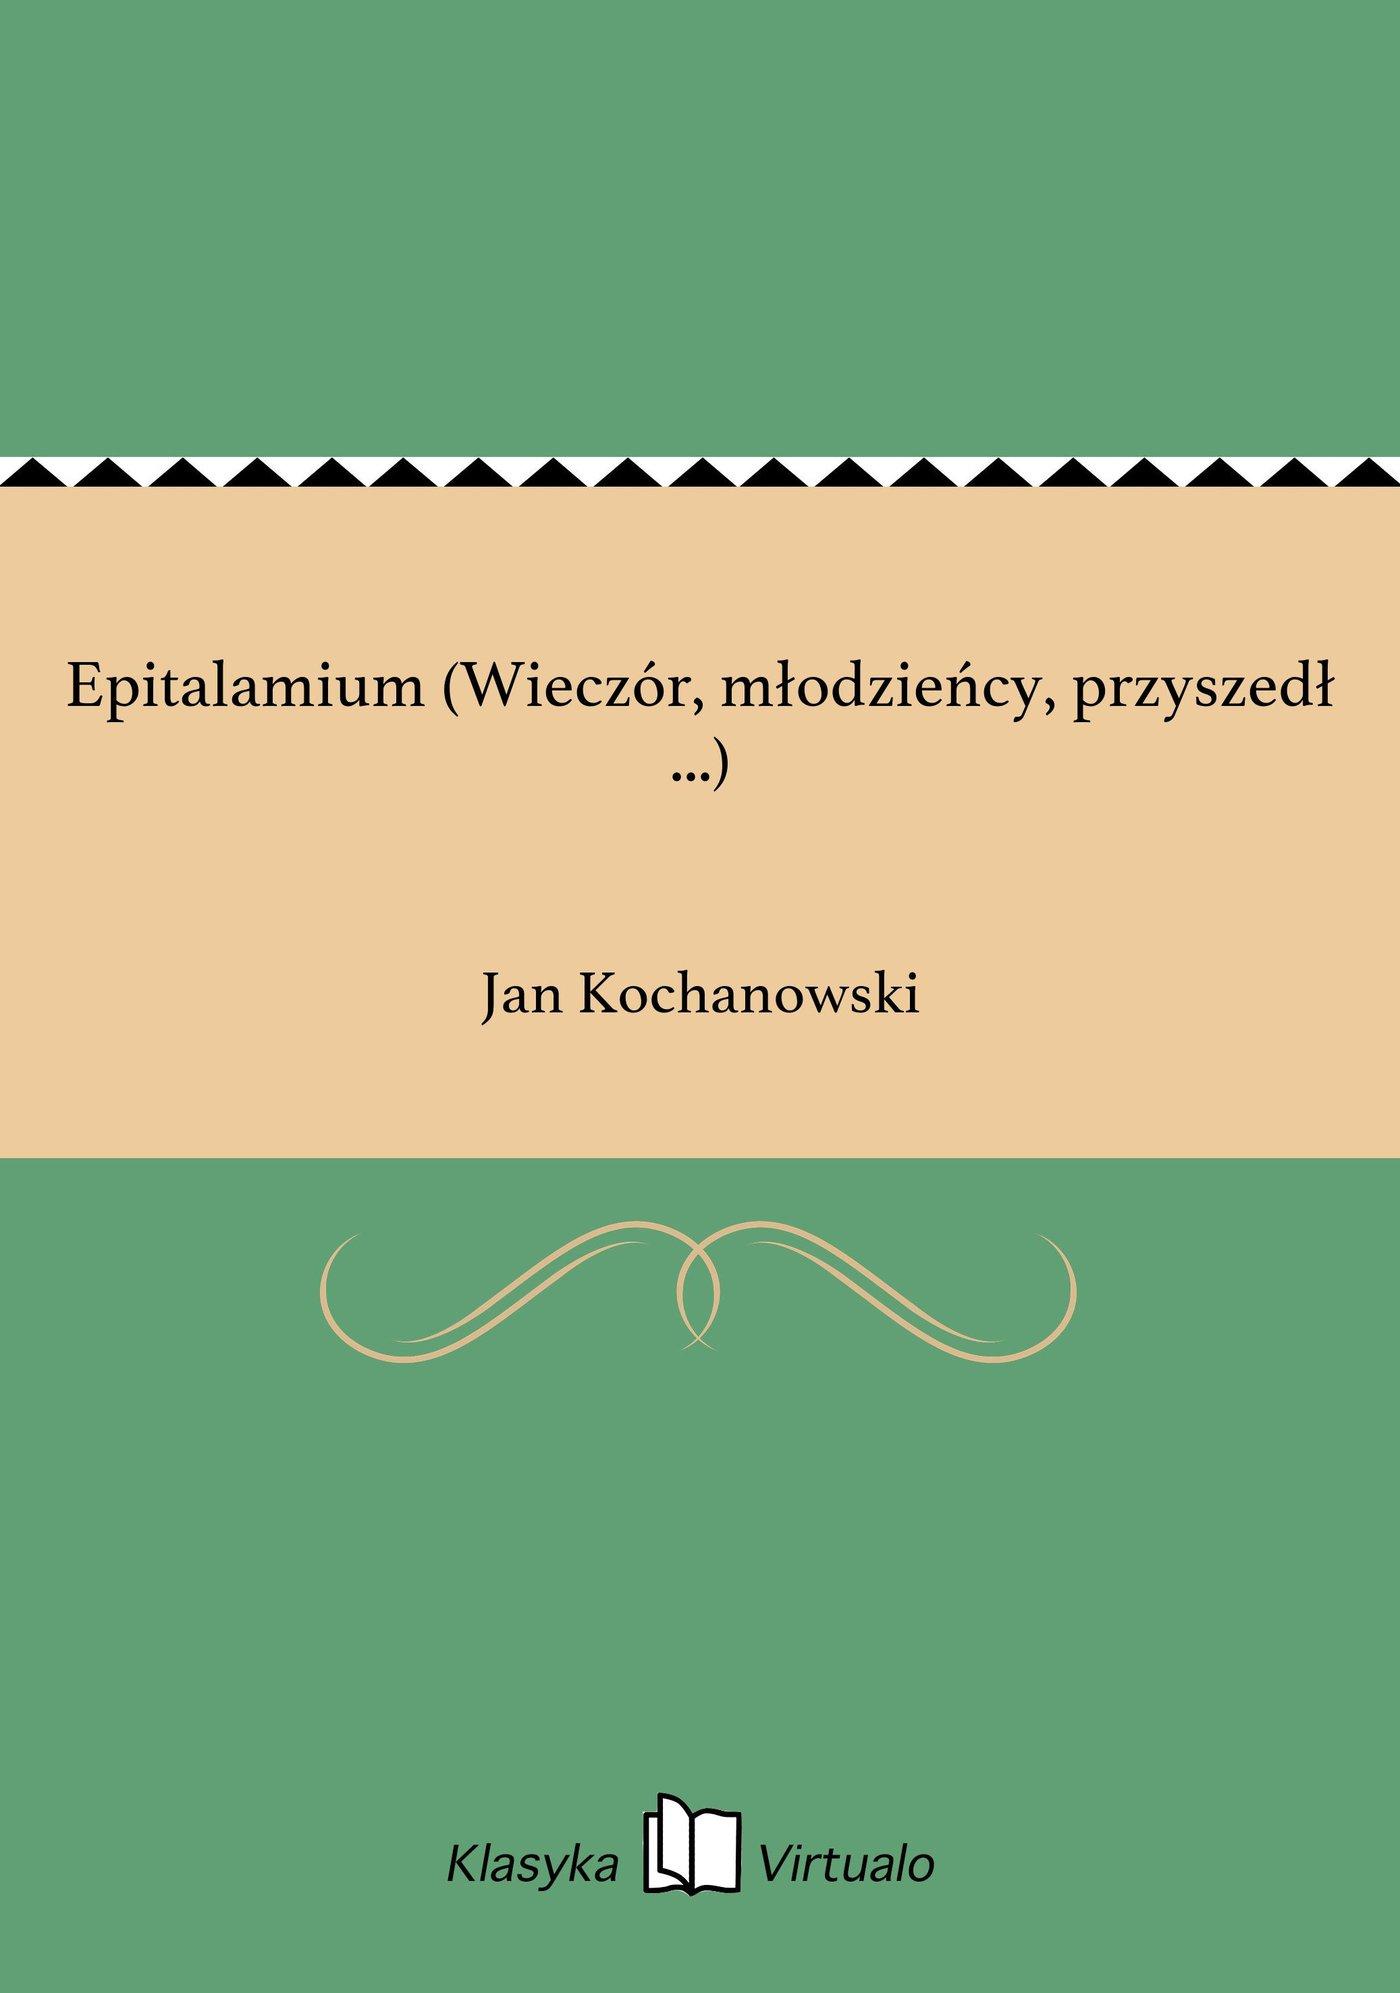 Epitalamium (Wieczór, młodzieńcy, przyszedł ...) - Ebook (Książka na Kindle) do pobrania w formacie MOBI